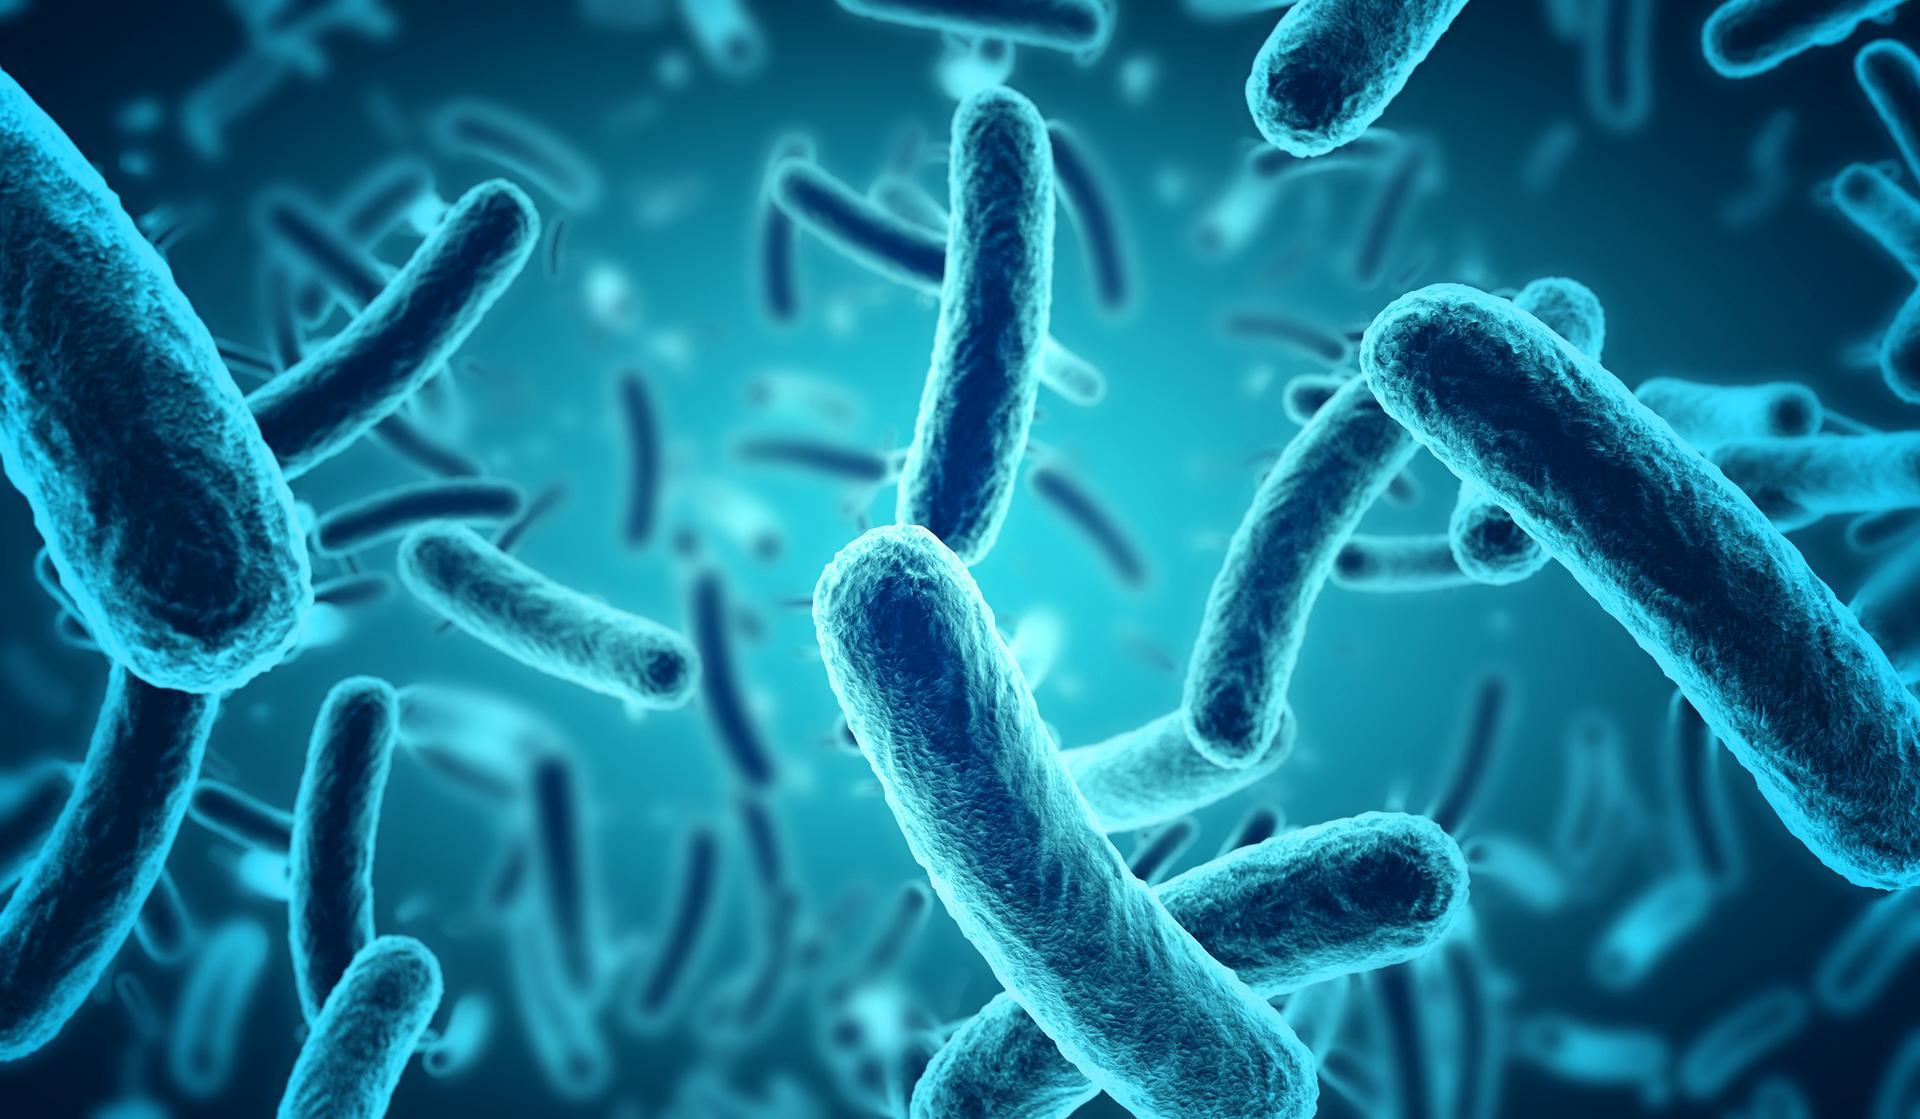 Zientzialariek karbono dioxidoaz elikatzen diren bakterioak sortu dituzte